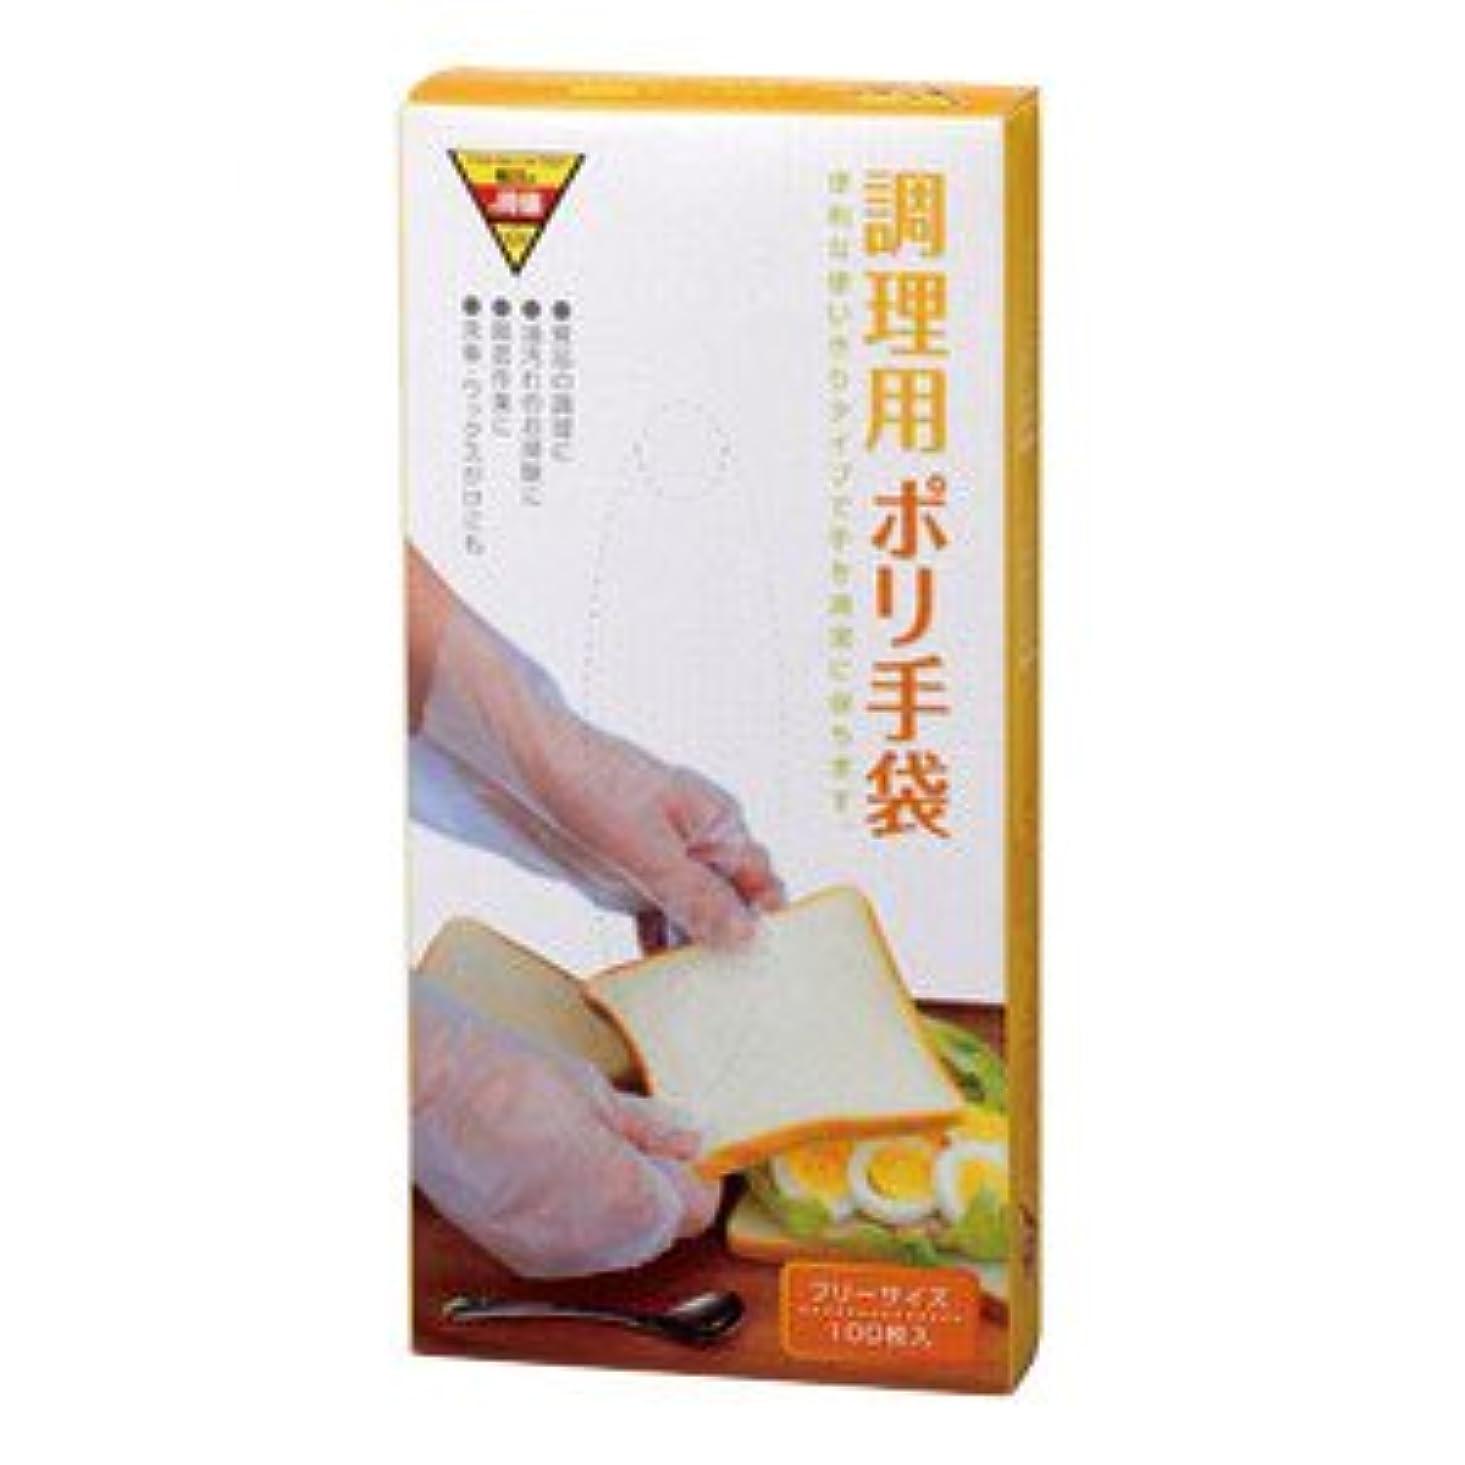 機構主に温かいコーナンオリジナル 調理用ポリ手袋 100枚入 KHD05-7123